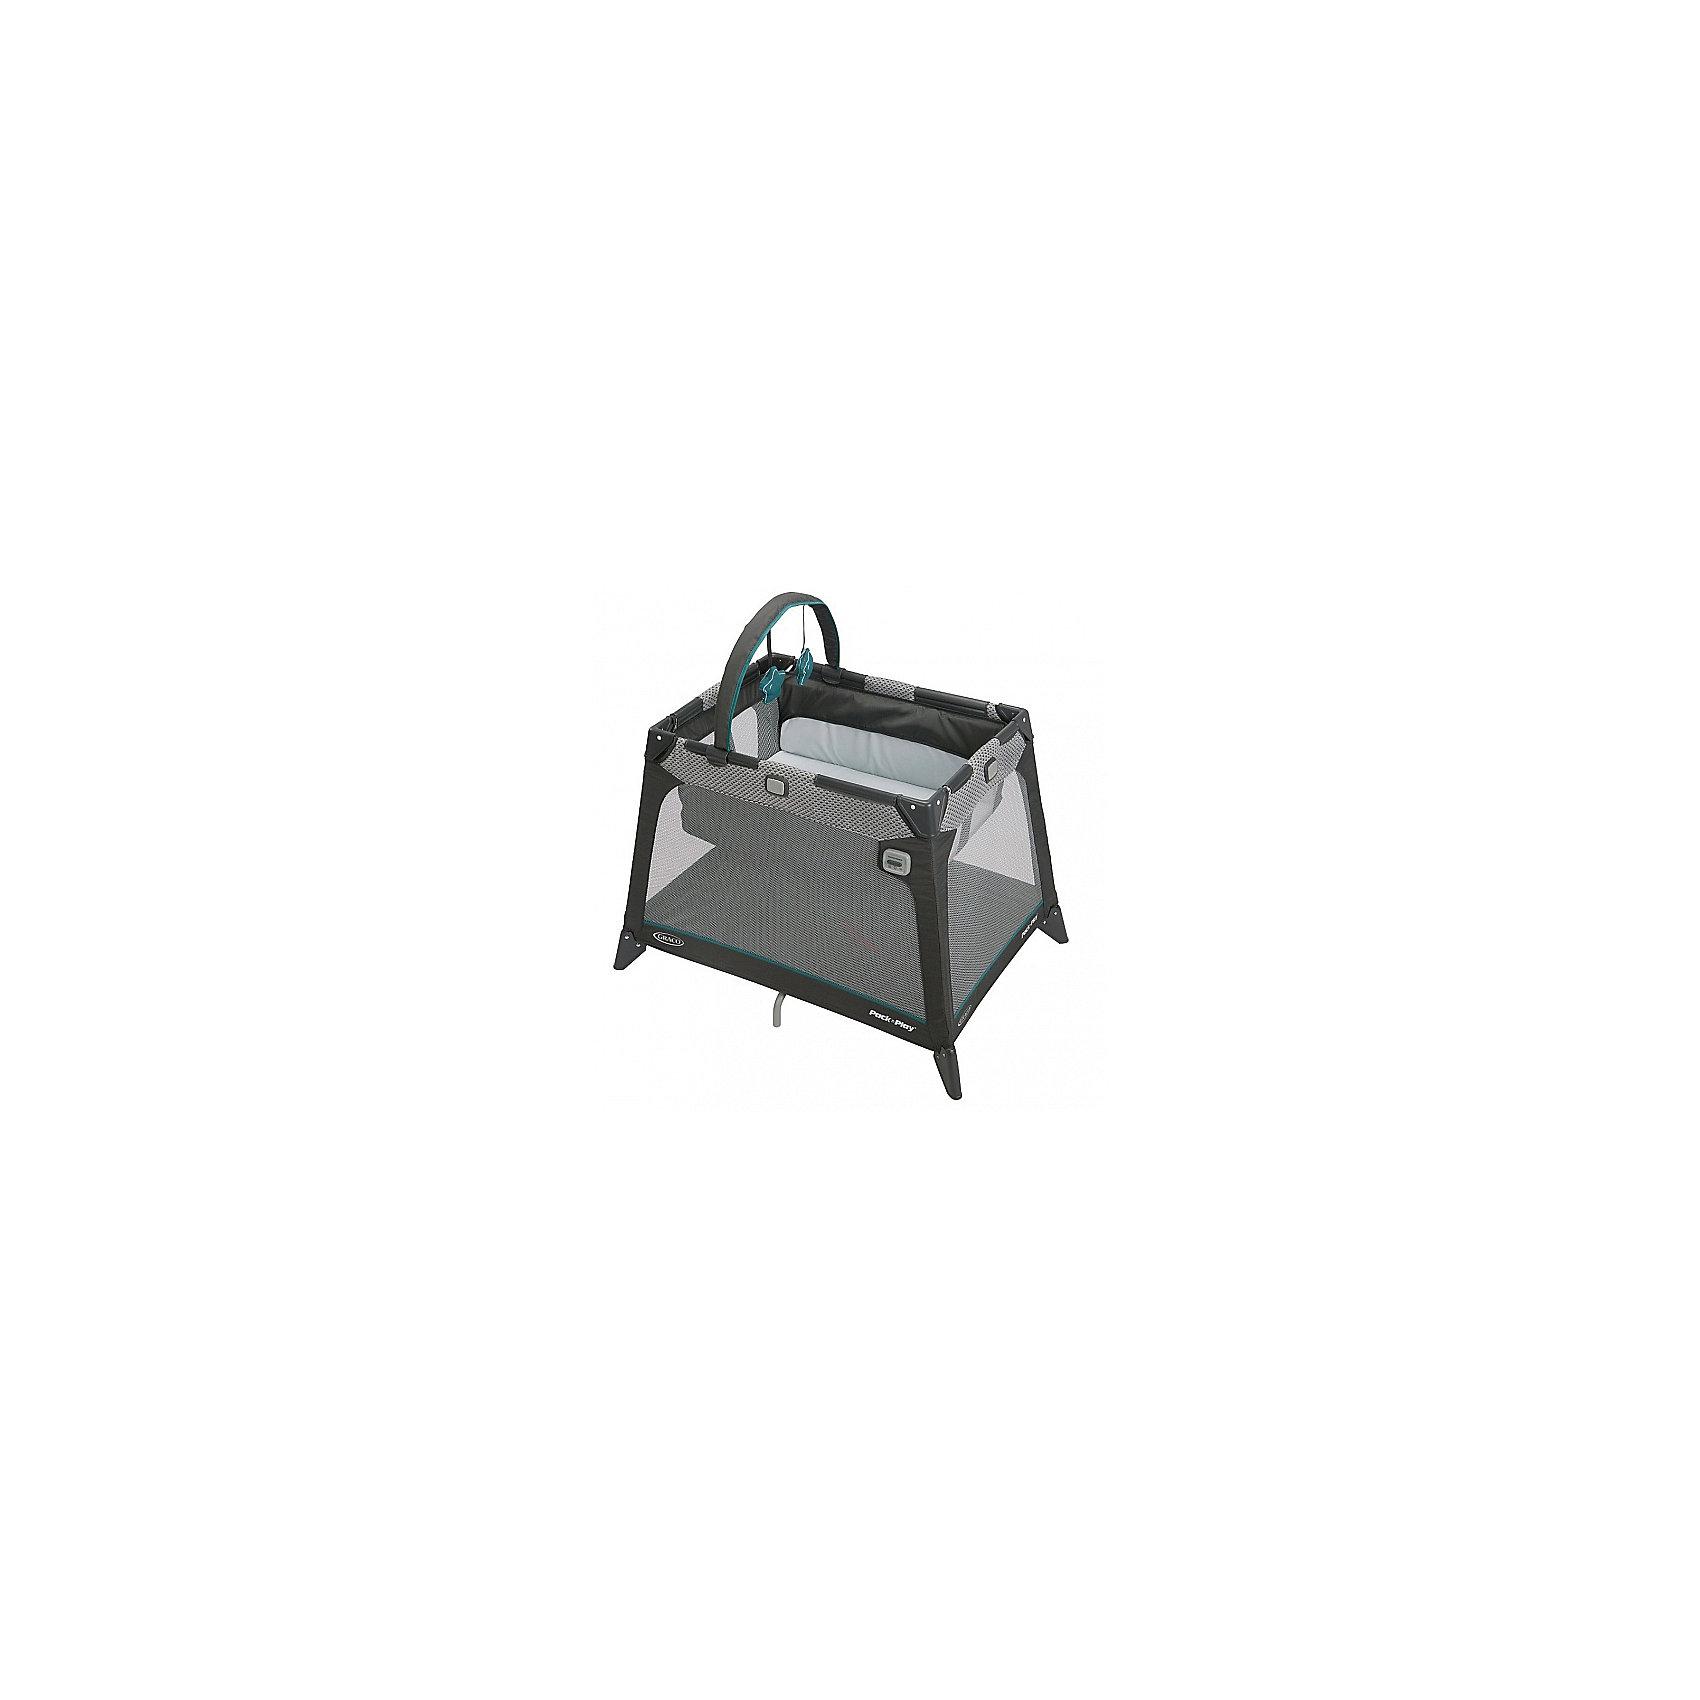 Манеж-кровать дорожная, Nimble Nook, Graco, серый с узоромМанежи-кроватки<br>Характеристики: <br><br>• дно регулируется в двух положениях по высоте;<br>• функция вибрации;<br>• дуга с развивающими игрушками;<br>• наличие опорных элементов: 7 шт.;<br>• аксессуары в комплекте: люлька, дуга с развивающими игрушками;<br>• нагрузка на люльку: до 6,5 кг;<br>• допустимая нагрузка: до 12 кг;<br>• размер: 68,6x98,5x68,6 см;<br>• вес: 10 кг;<br>• размер упаковки: 26x70x22 см.<br><br>Манеж-кровать дорожная, Nimble Nook, Graco, серый с узором можно купить в нашем интернет-магазине.<br><br>Ширина мм: 980<br>Глубина мм: 680<br>Высота мм: 980<br>Вес г: 9200<br>Возраст от месяцев: 0<br>Возраст до месяцев: 6<br>Пол: Унисекс<br>Возраст: Детский<br>SKU: 6757368